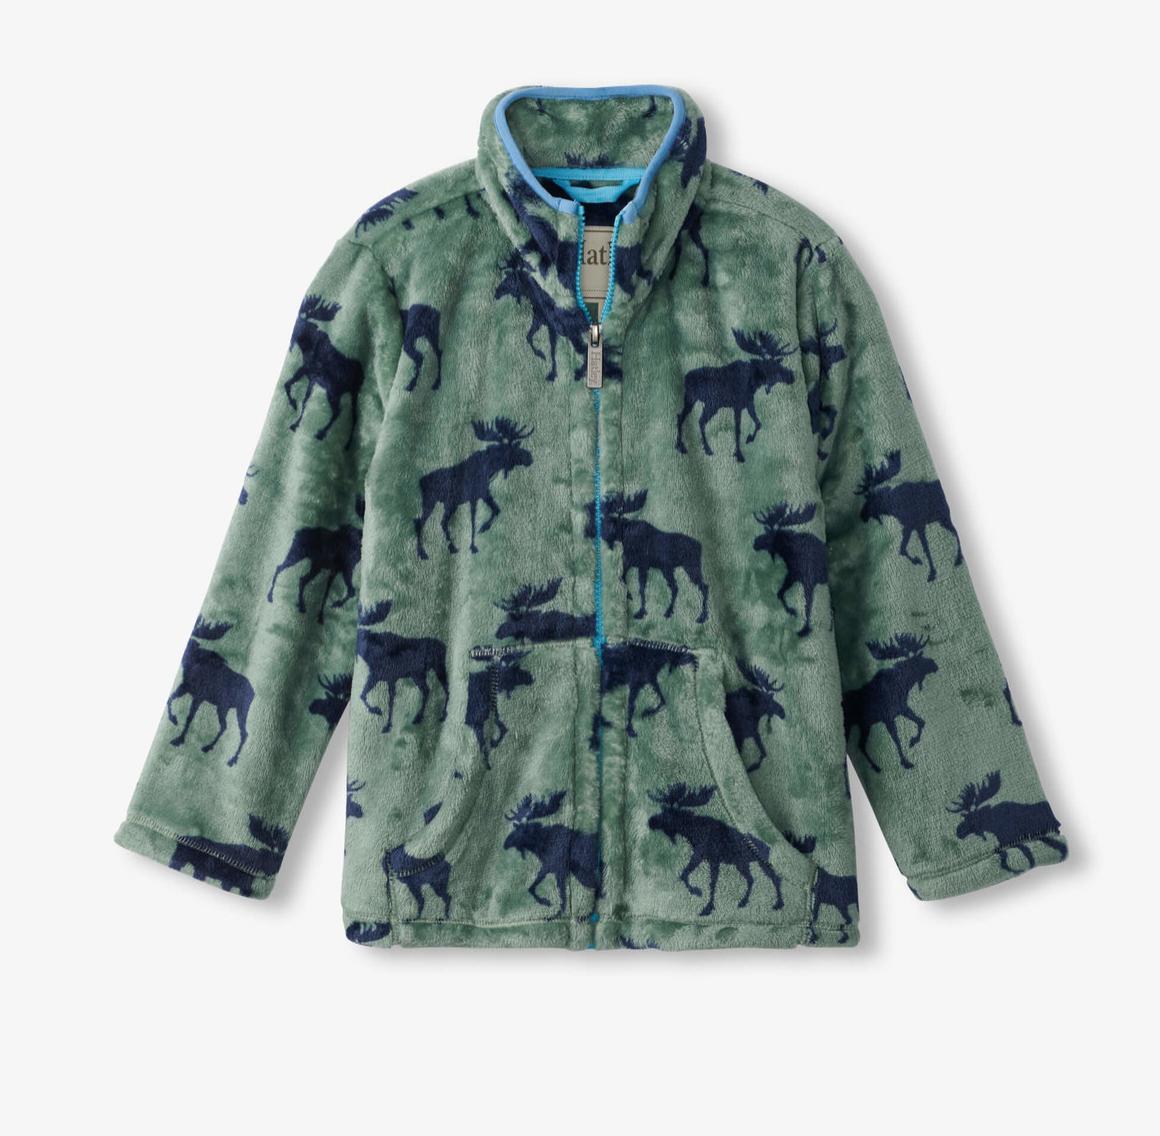 Forest Moose Fuzzy Fleece Zip up